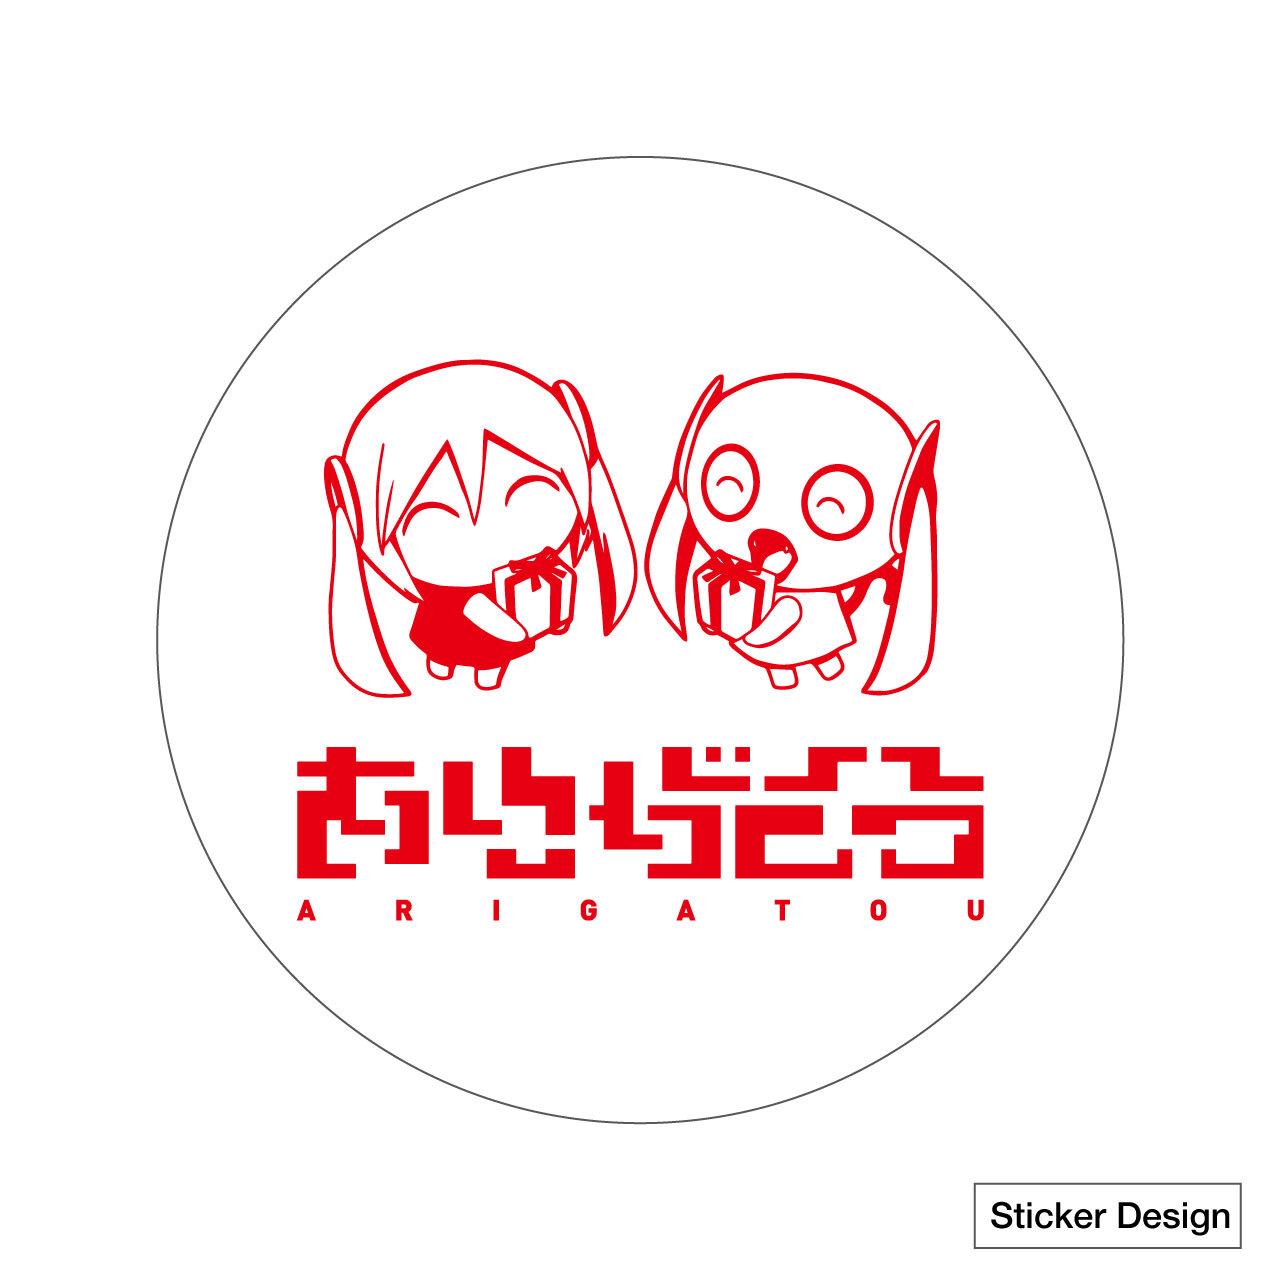 ピノキオピーベストアルバム寿リリースパーティ「ありがとう」Tシャツ+ステッカーセット - 画像3